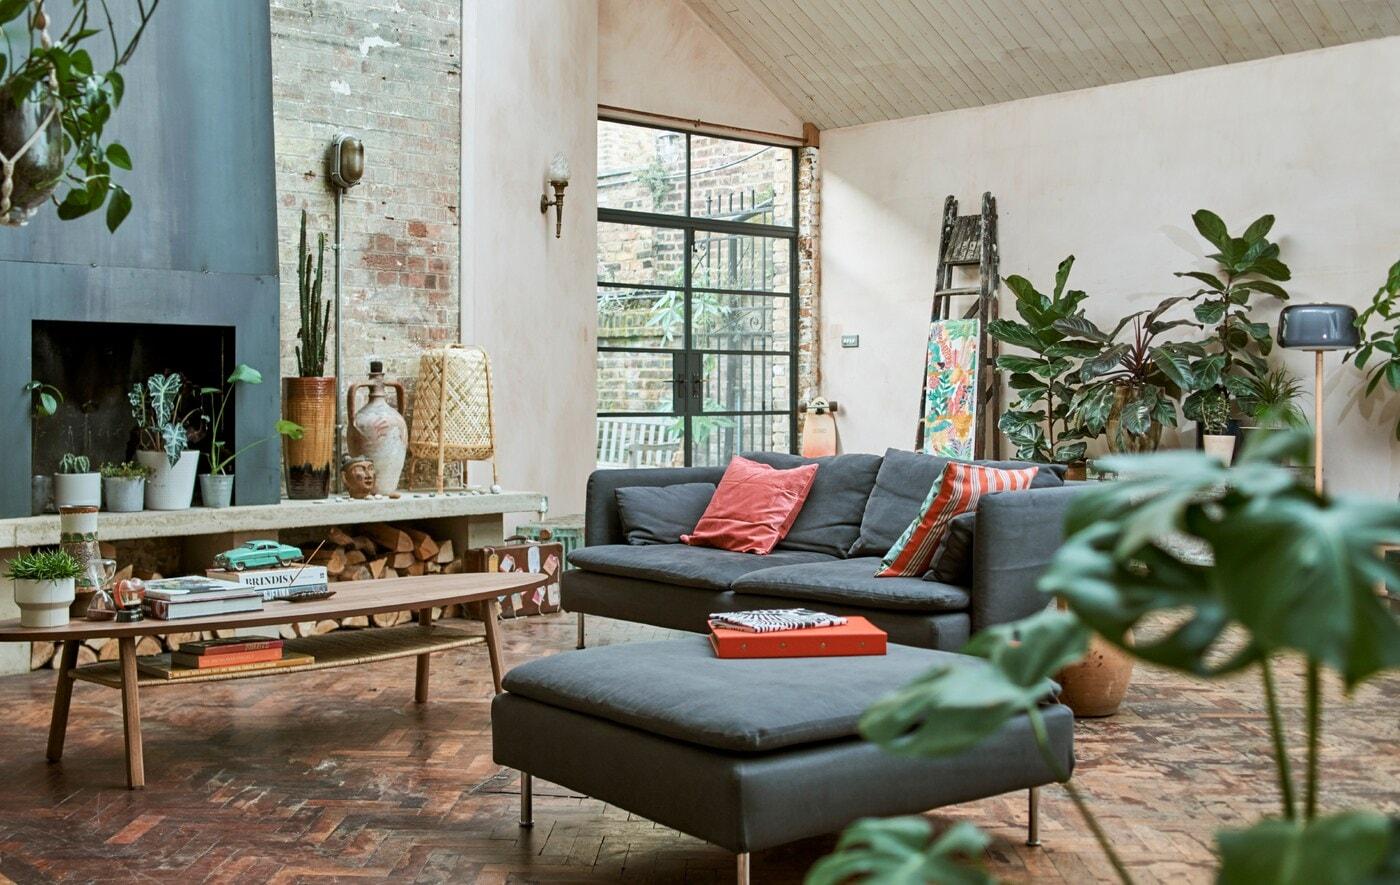 Obývací pokoj v bytě ze starého skladiště - krb, cihlové stěny, parketová podlaha, spousta květin